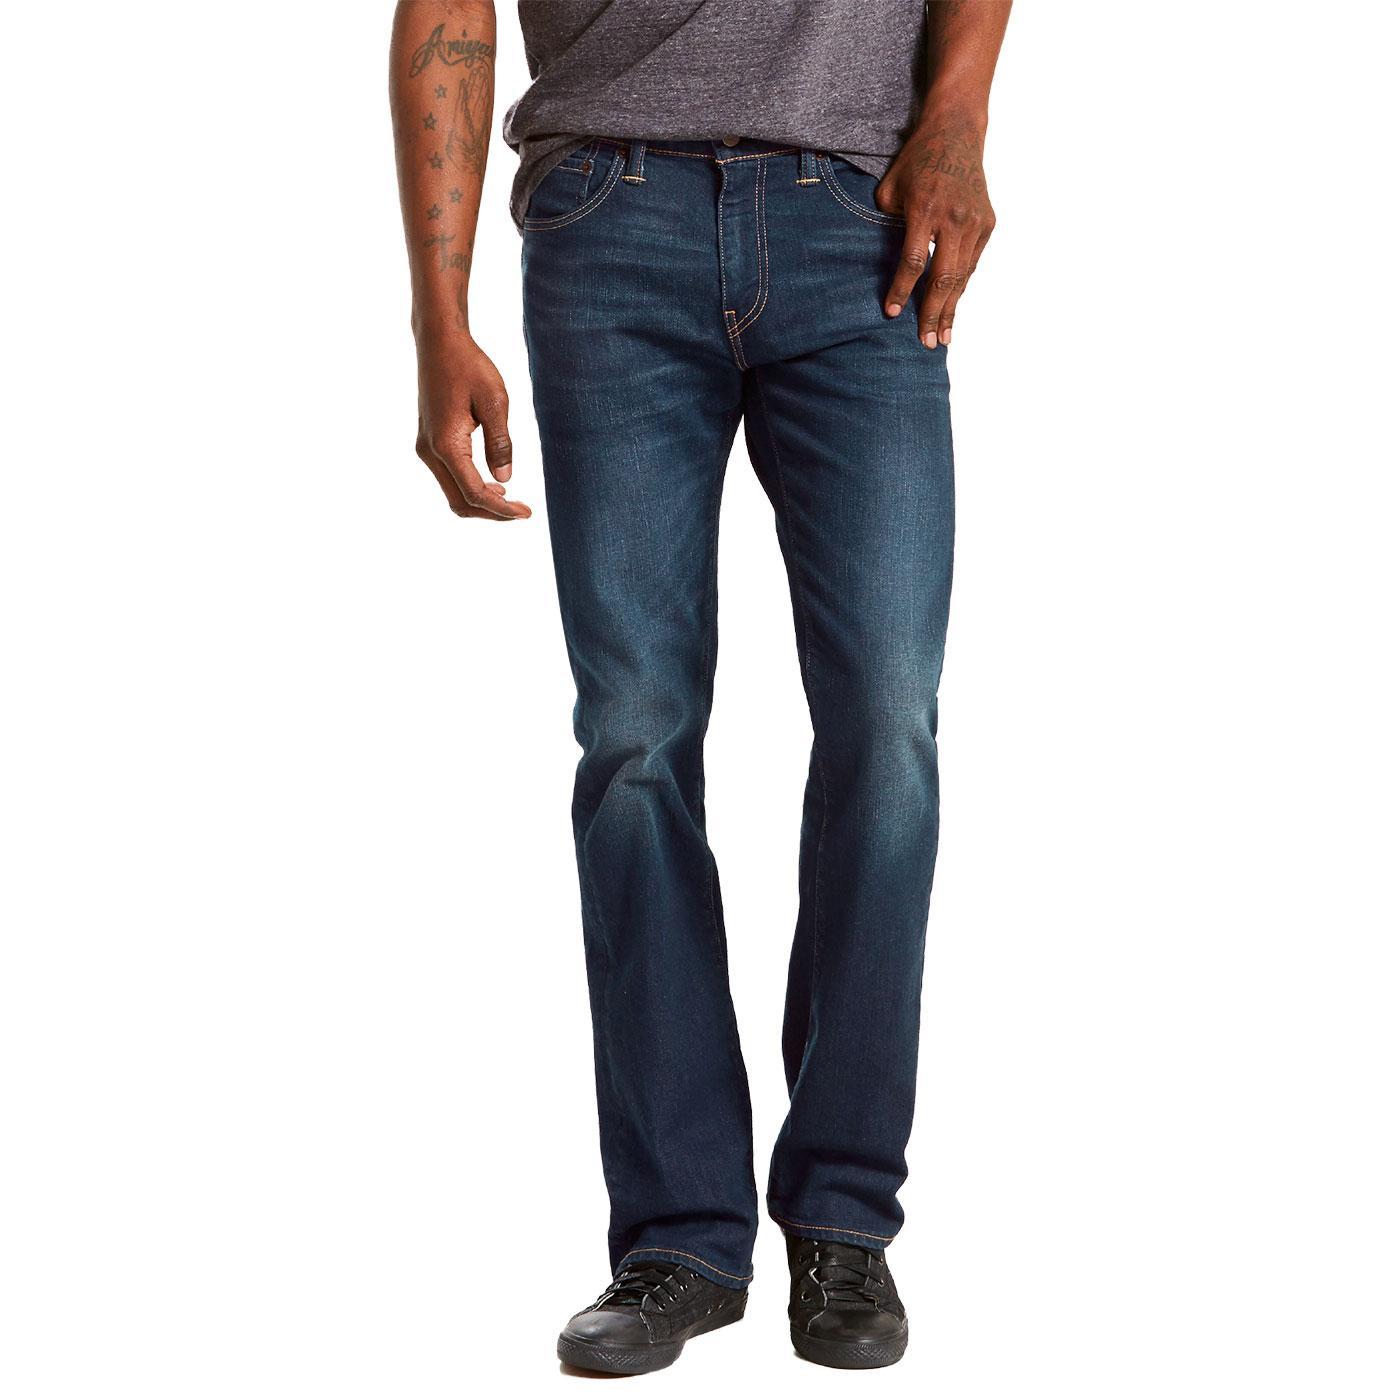 LEVI'S 527 Retro Slim Boot Cut Jeans (Ama Sequoia)